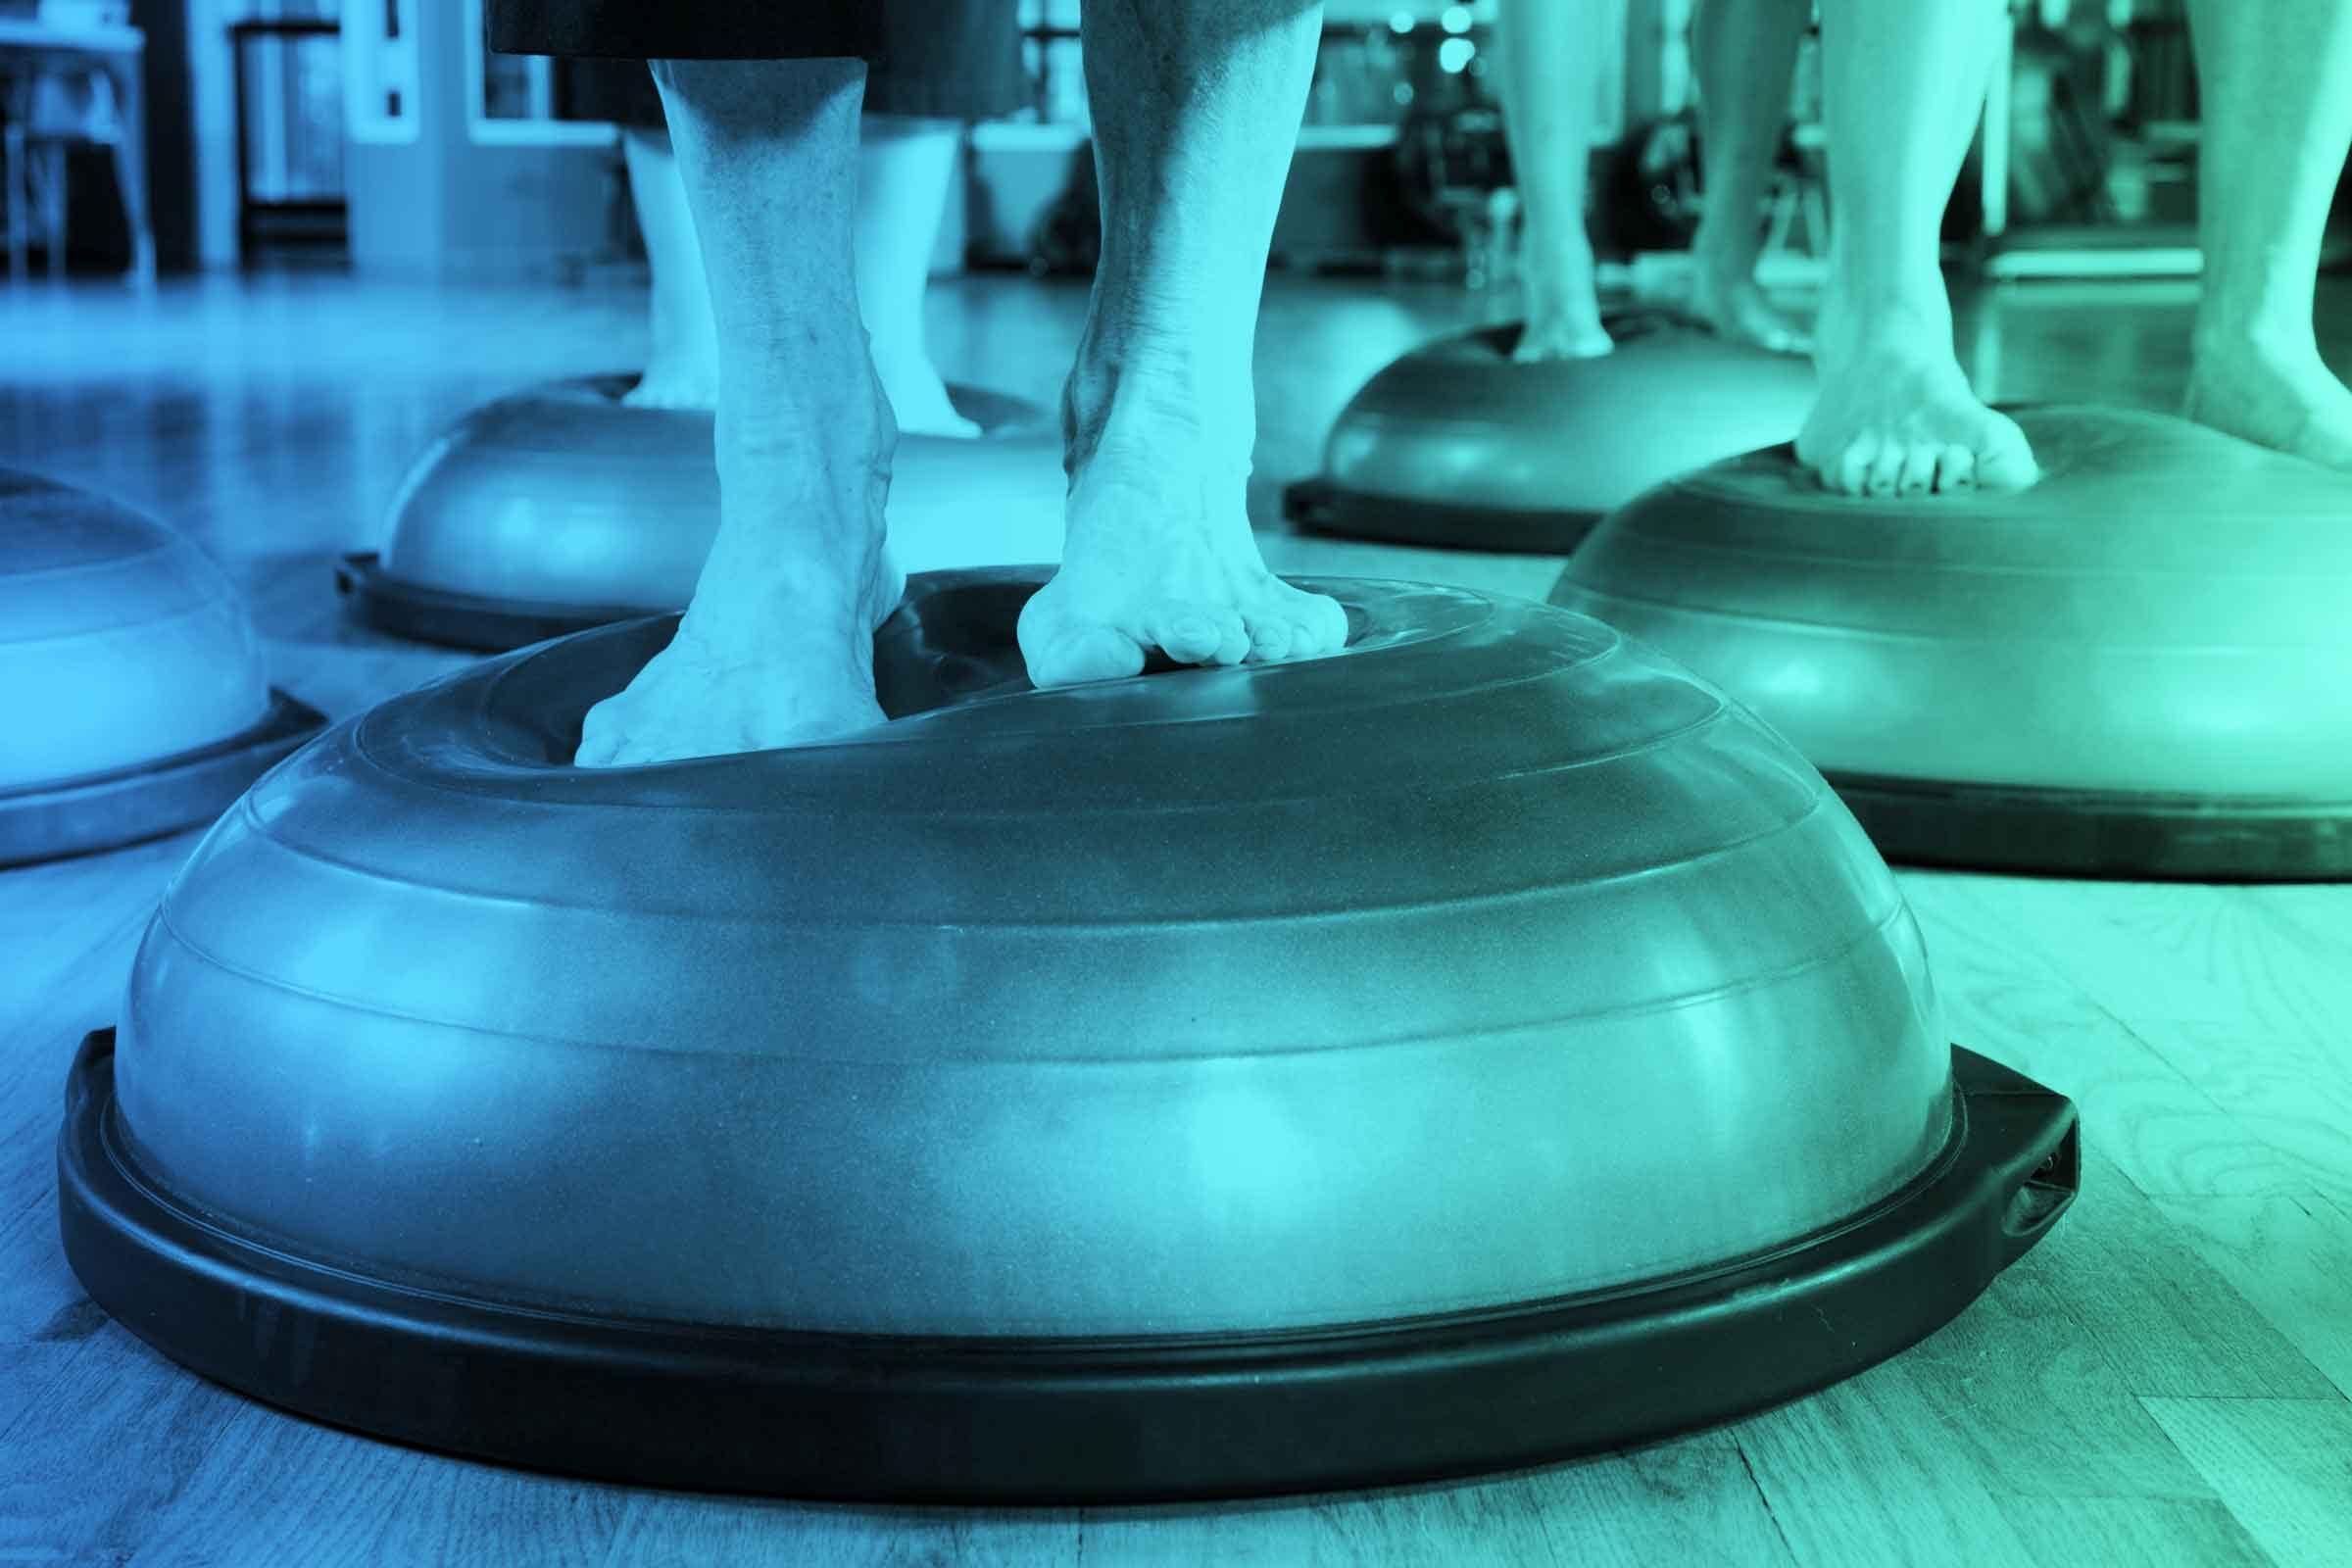 Cet exercice est mauvais pour votre colonne vertébrale.